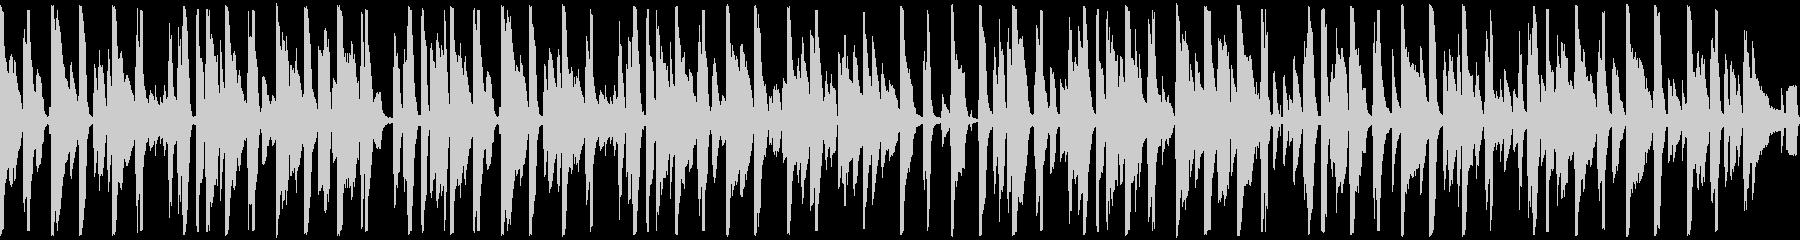 お洒落なピアノジャズファンク ループの未再生の波形